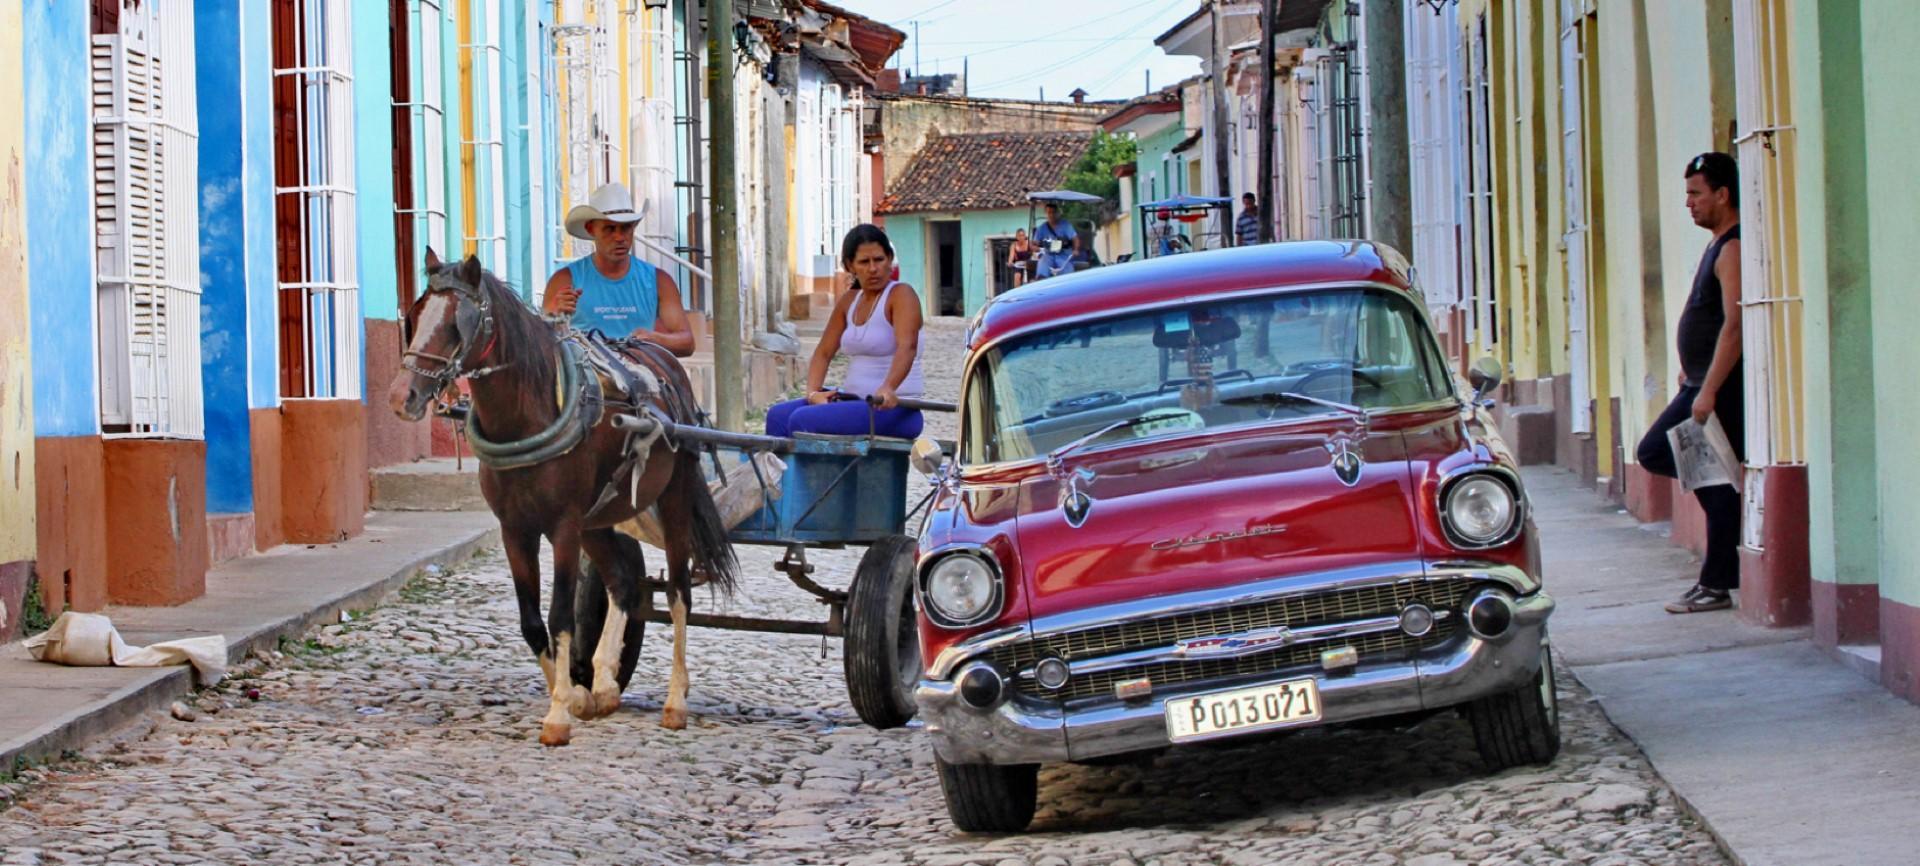 Trinidad, la città gioiello di Cuba